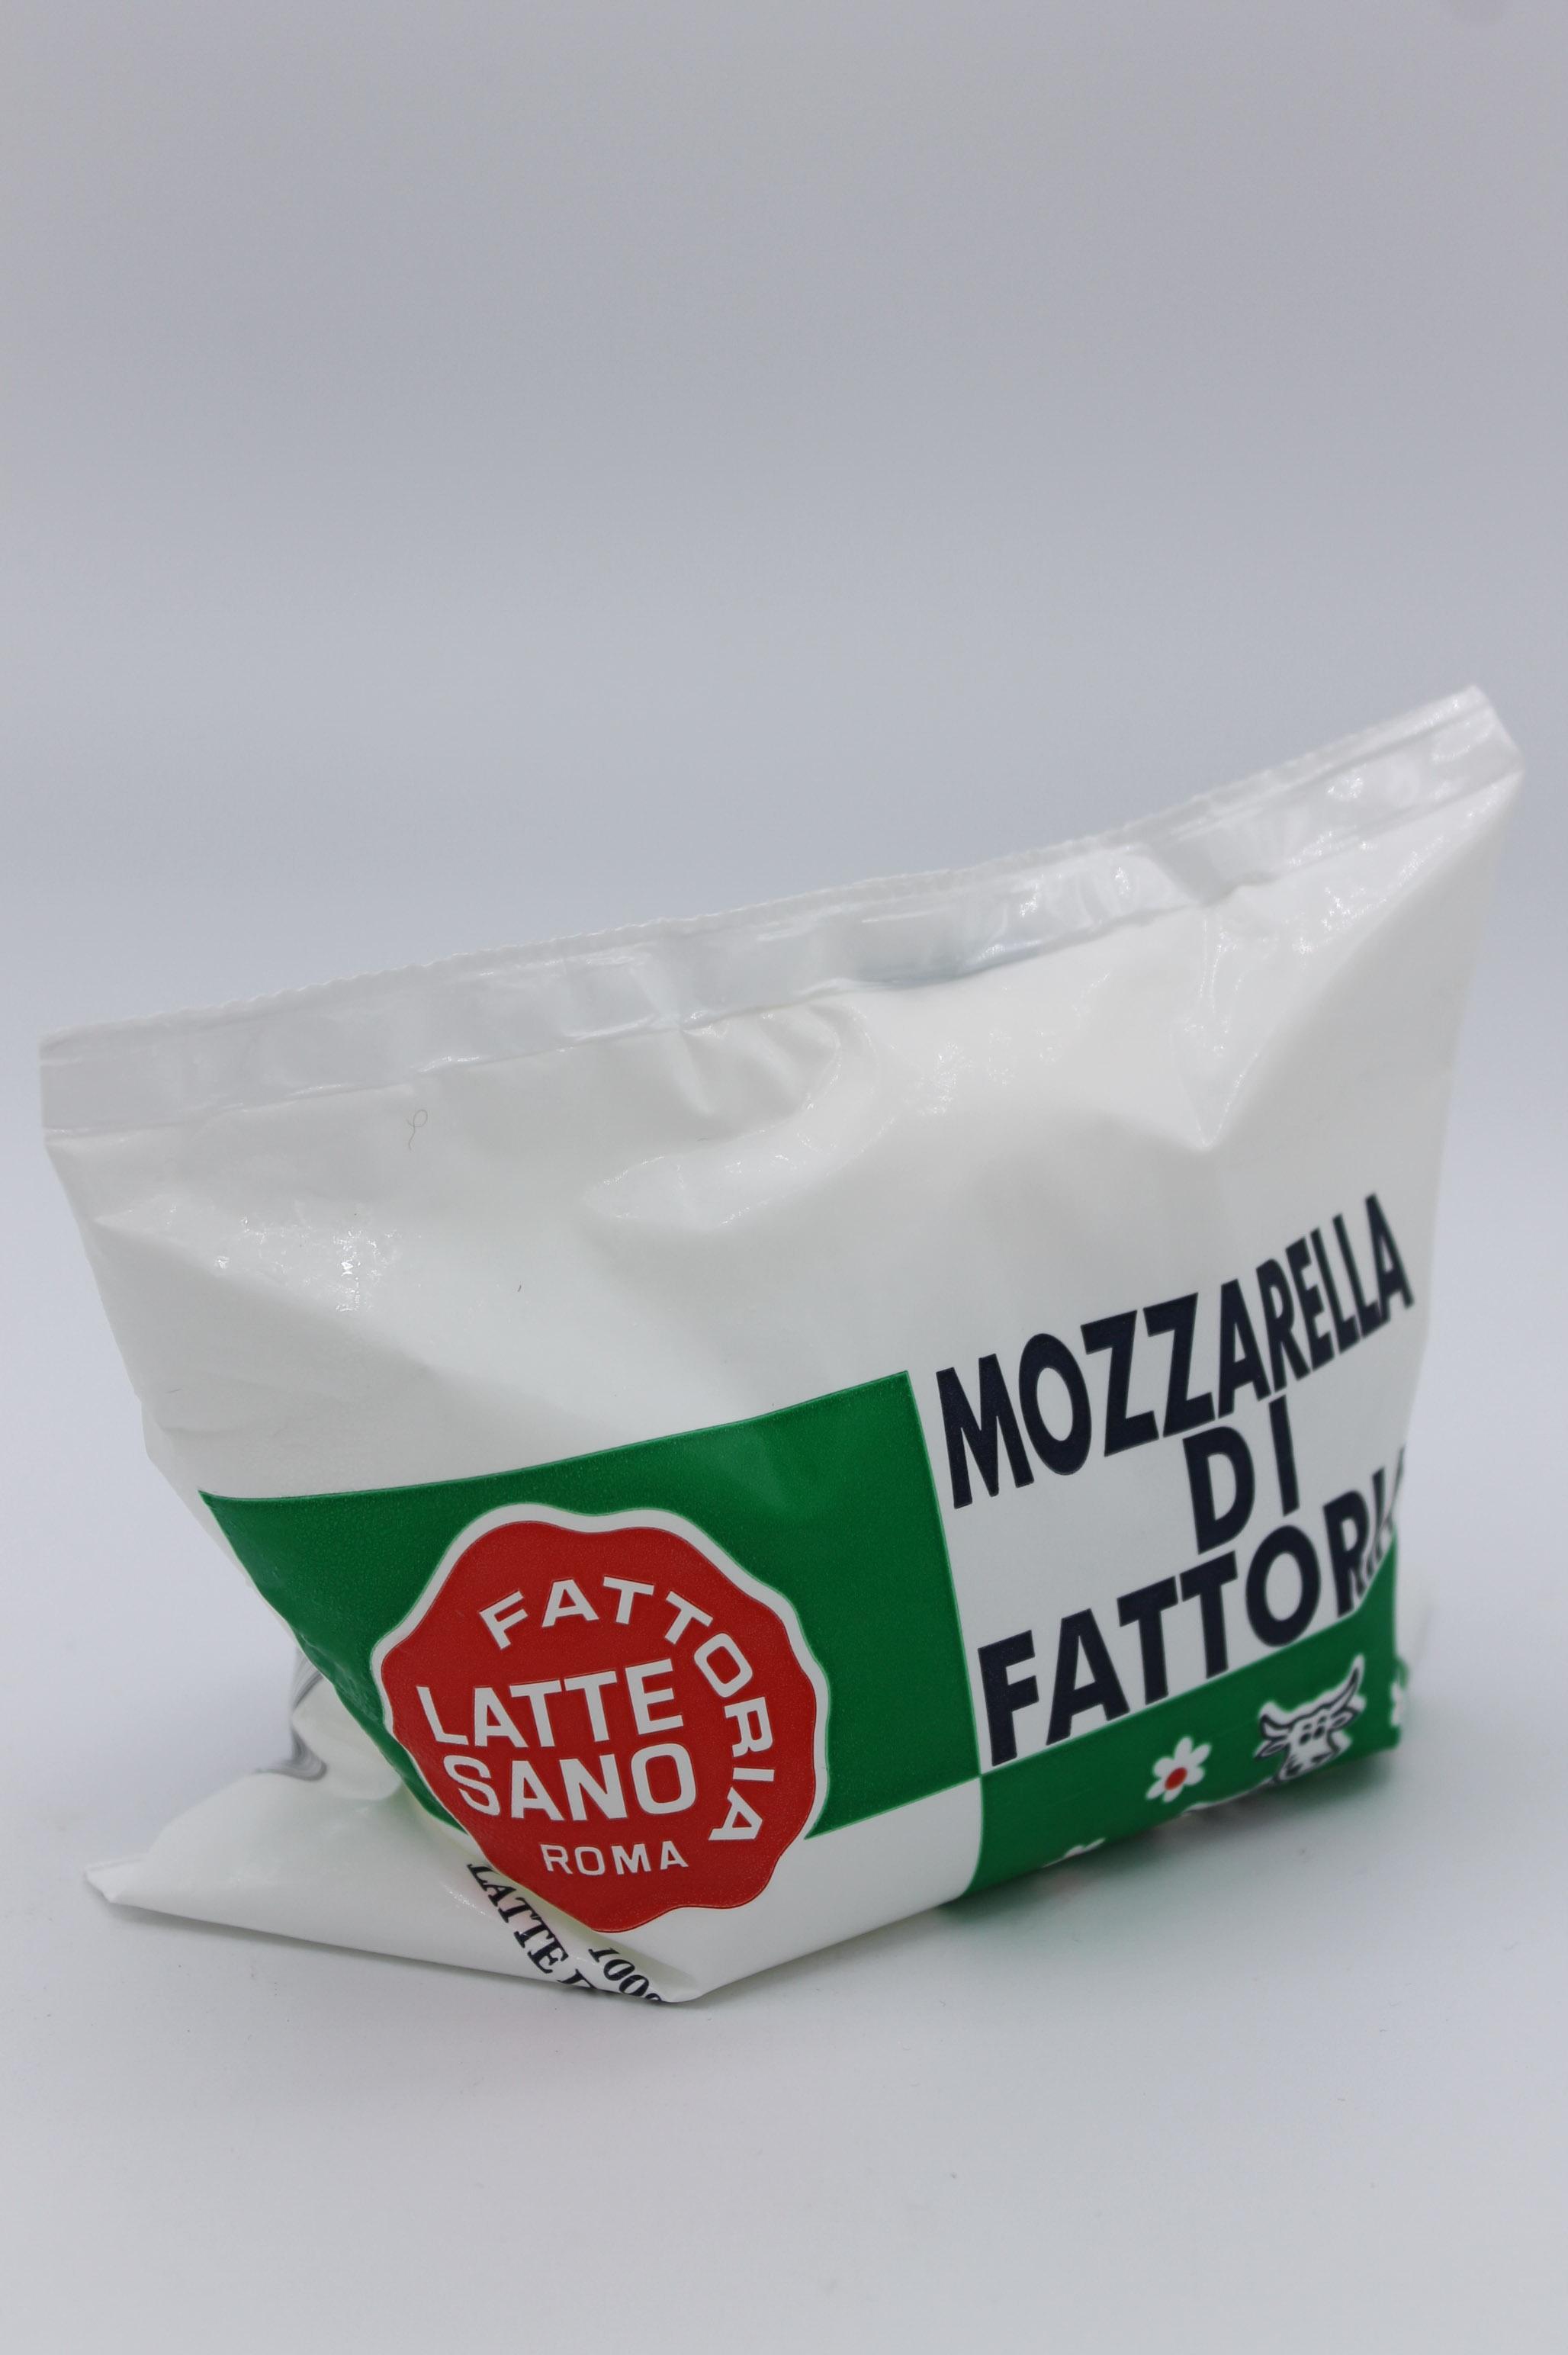 Latte Sano mozzarella di fattoria 100gr.